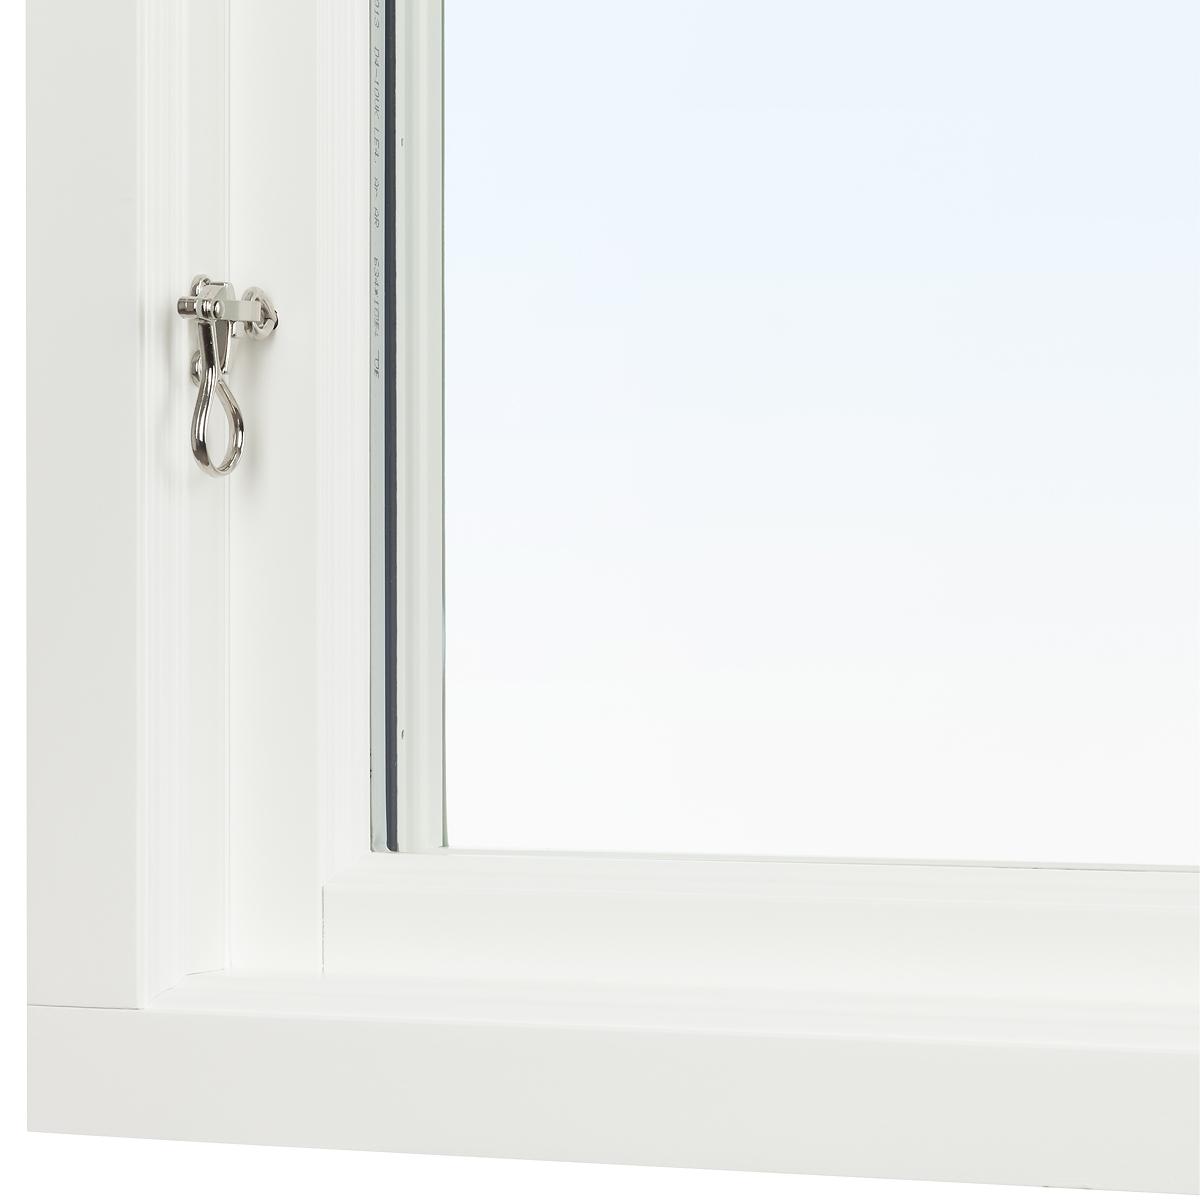 SP Fönster, Lingbo 2-glas 1+1 utåtgående -Fönster från Bygglagret